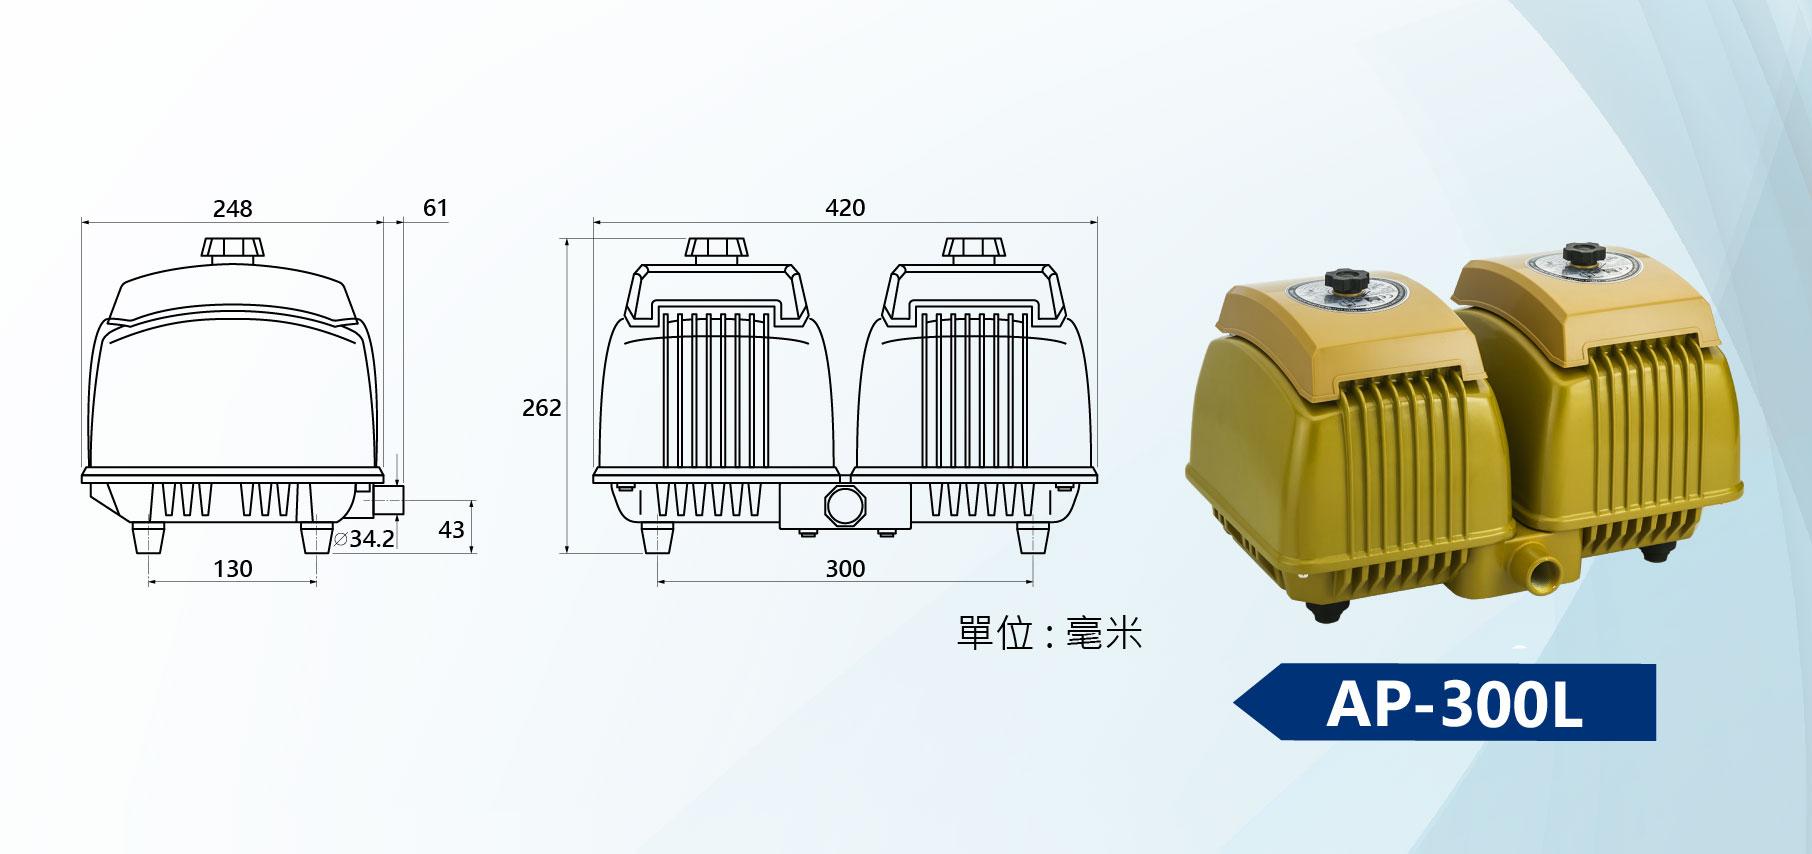 AP-300L Linear Air Pump Dimension